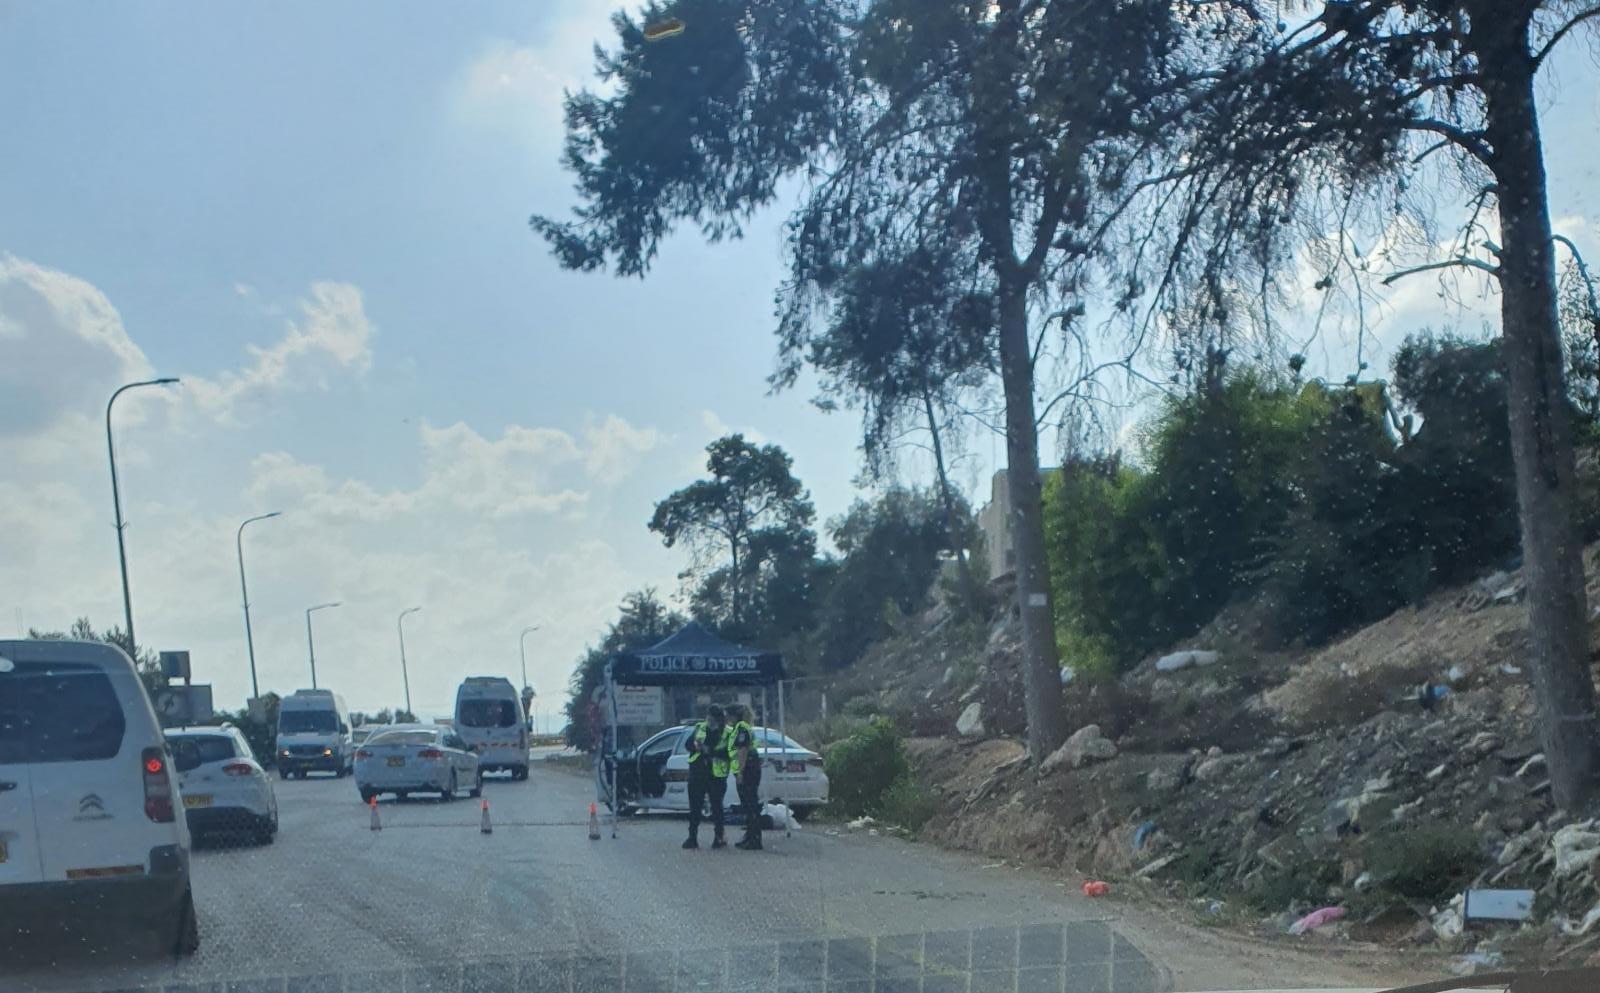 قوات من الجيش والشرطة معززة بطائرة مروحية في إكسال وجبل القفزة-1